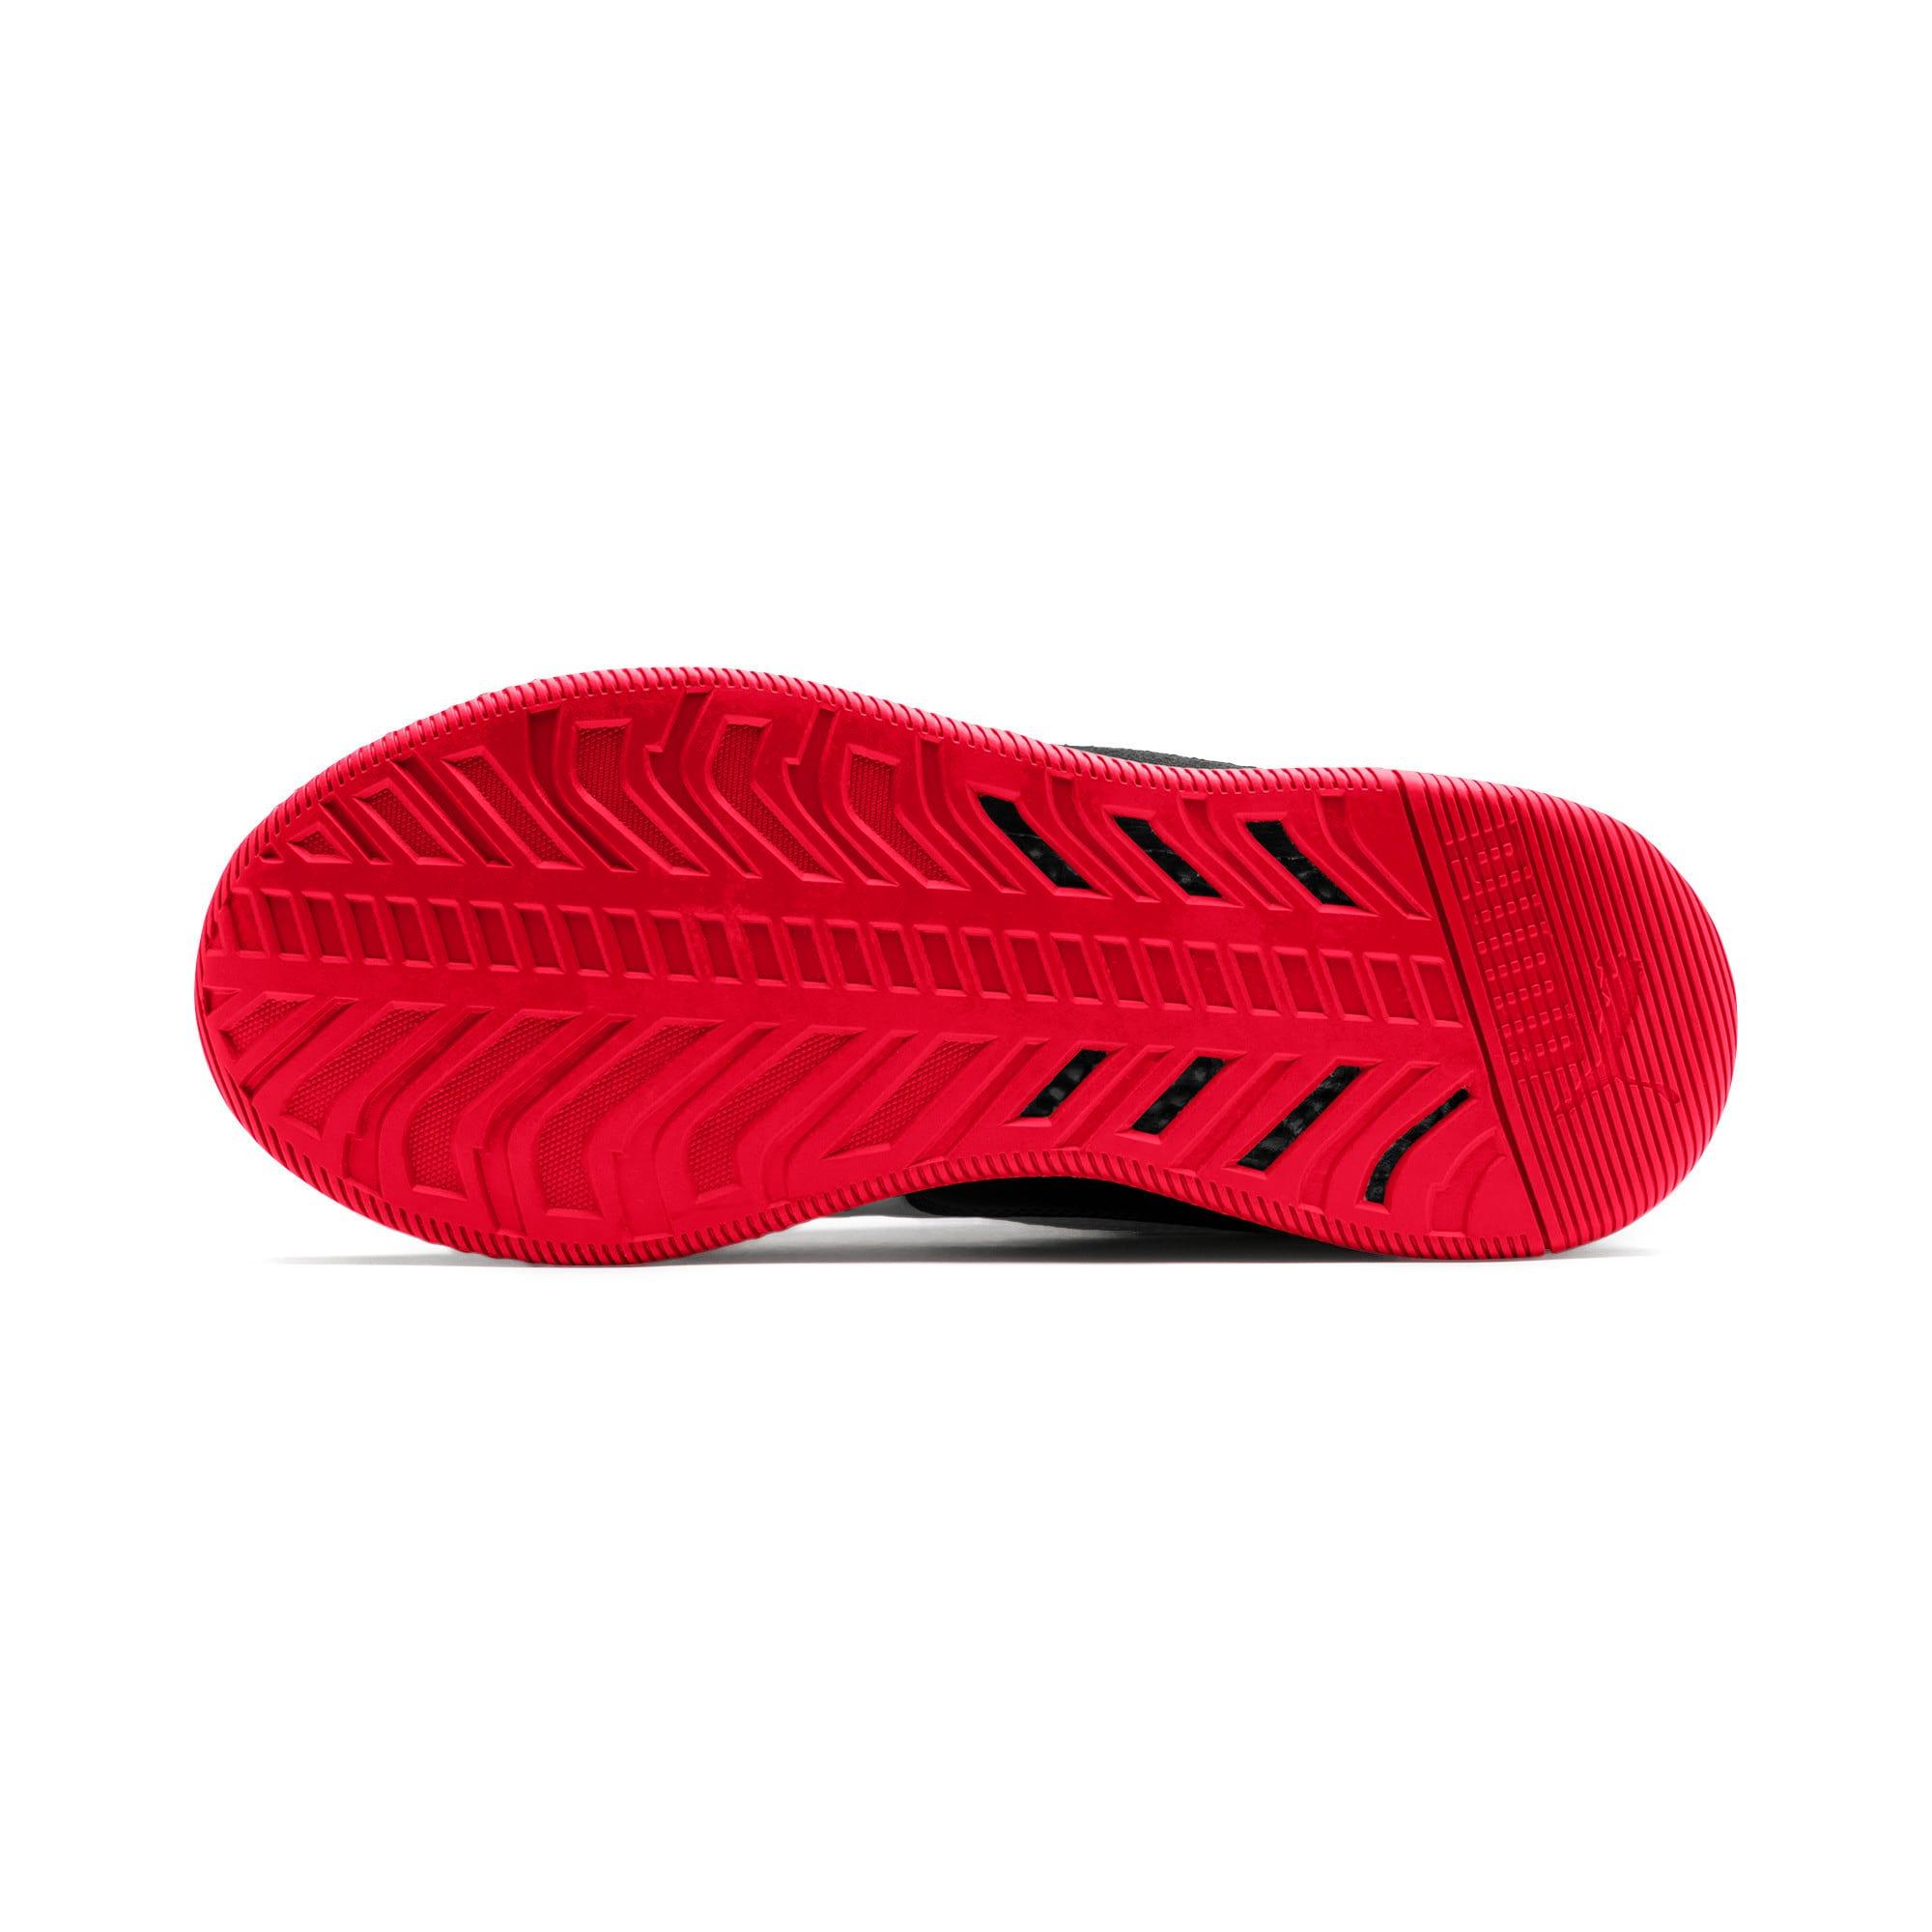 Miniatura 5 de Zapatos Scuderia Ferrari Speed Hybrid LS, Blk-Pstl Prchmnt-Rosso Corsa, mediano